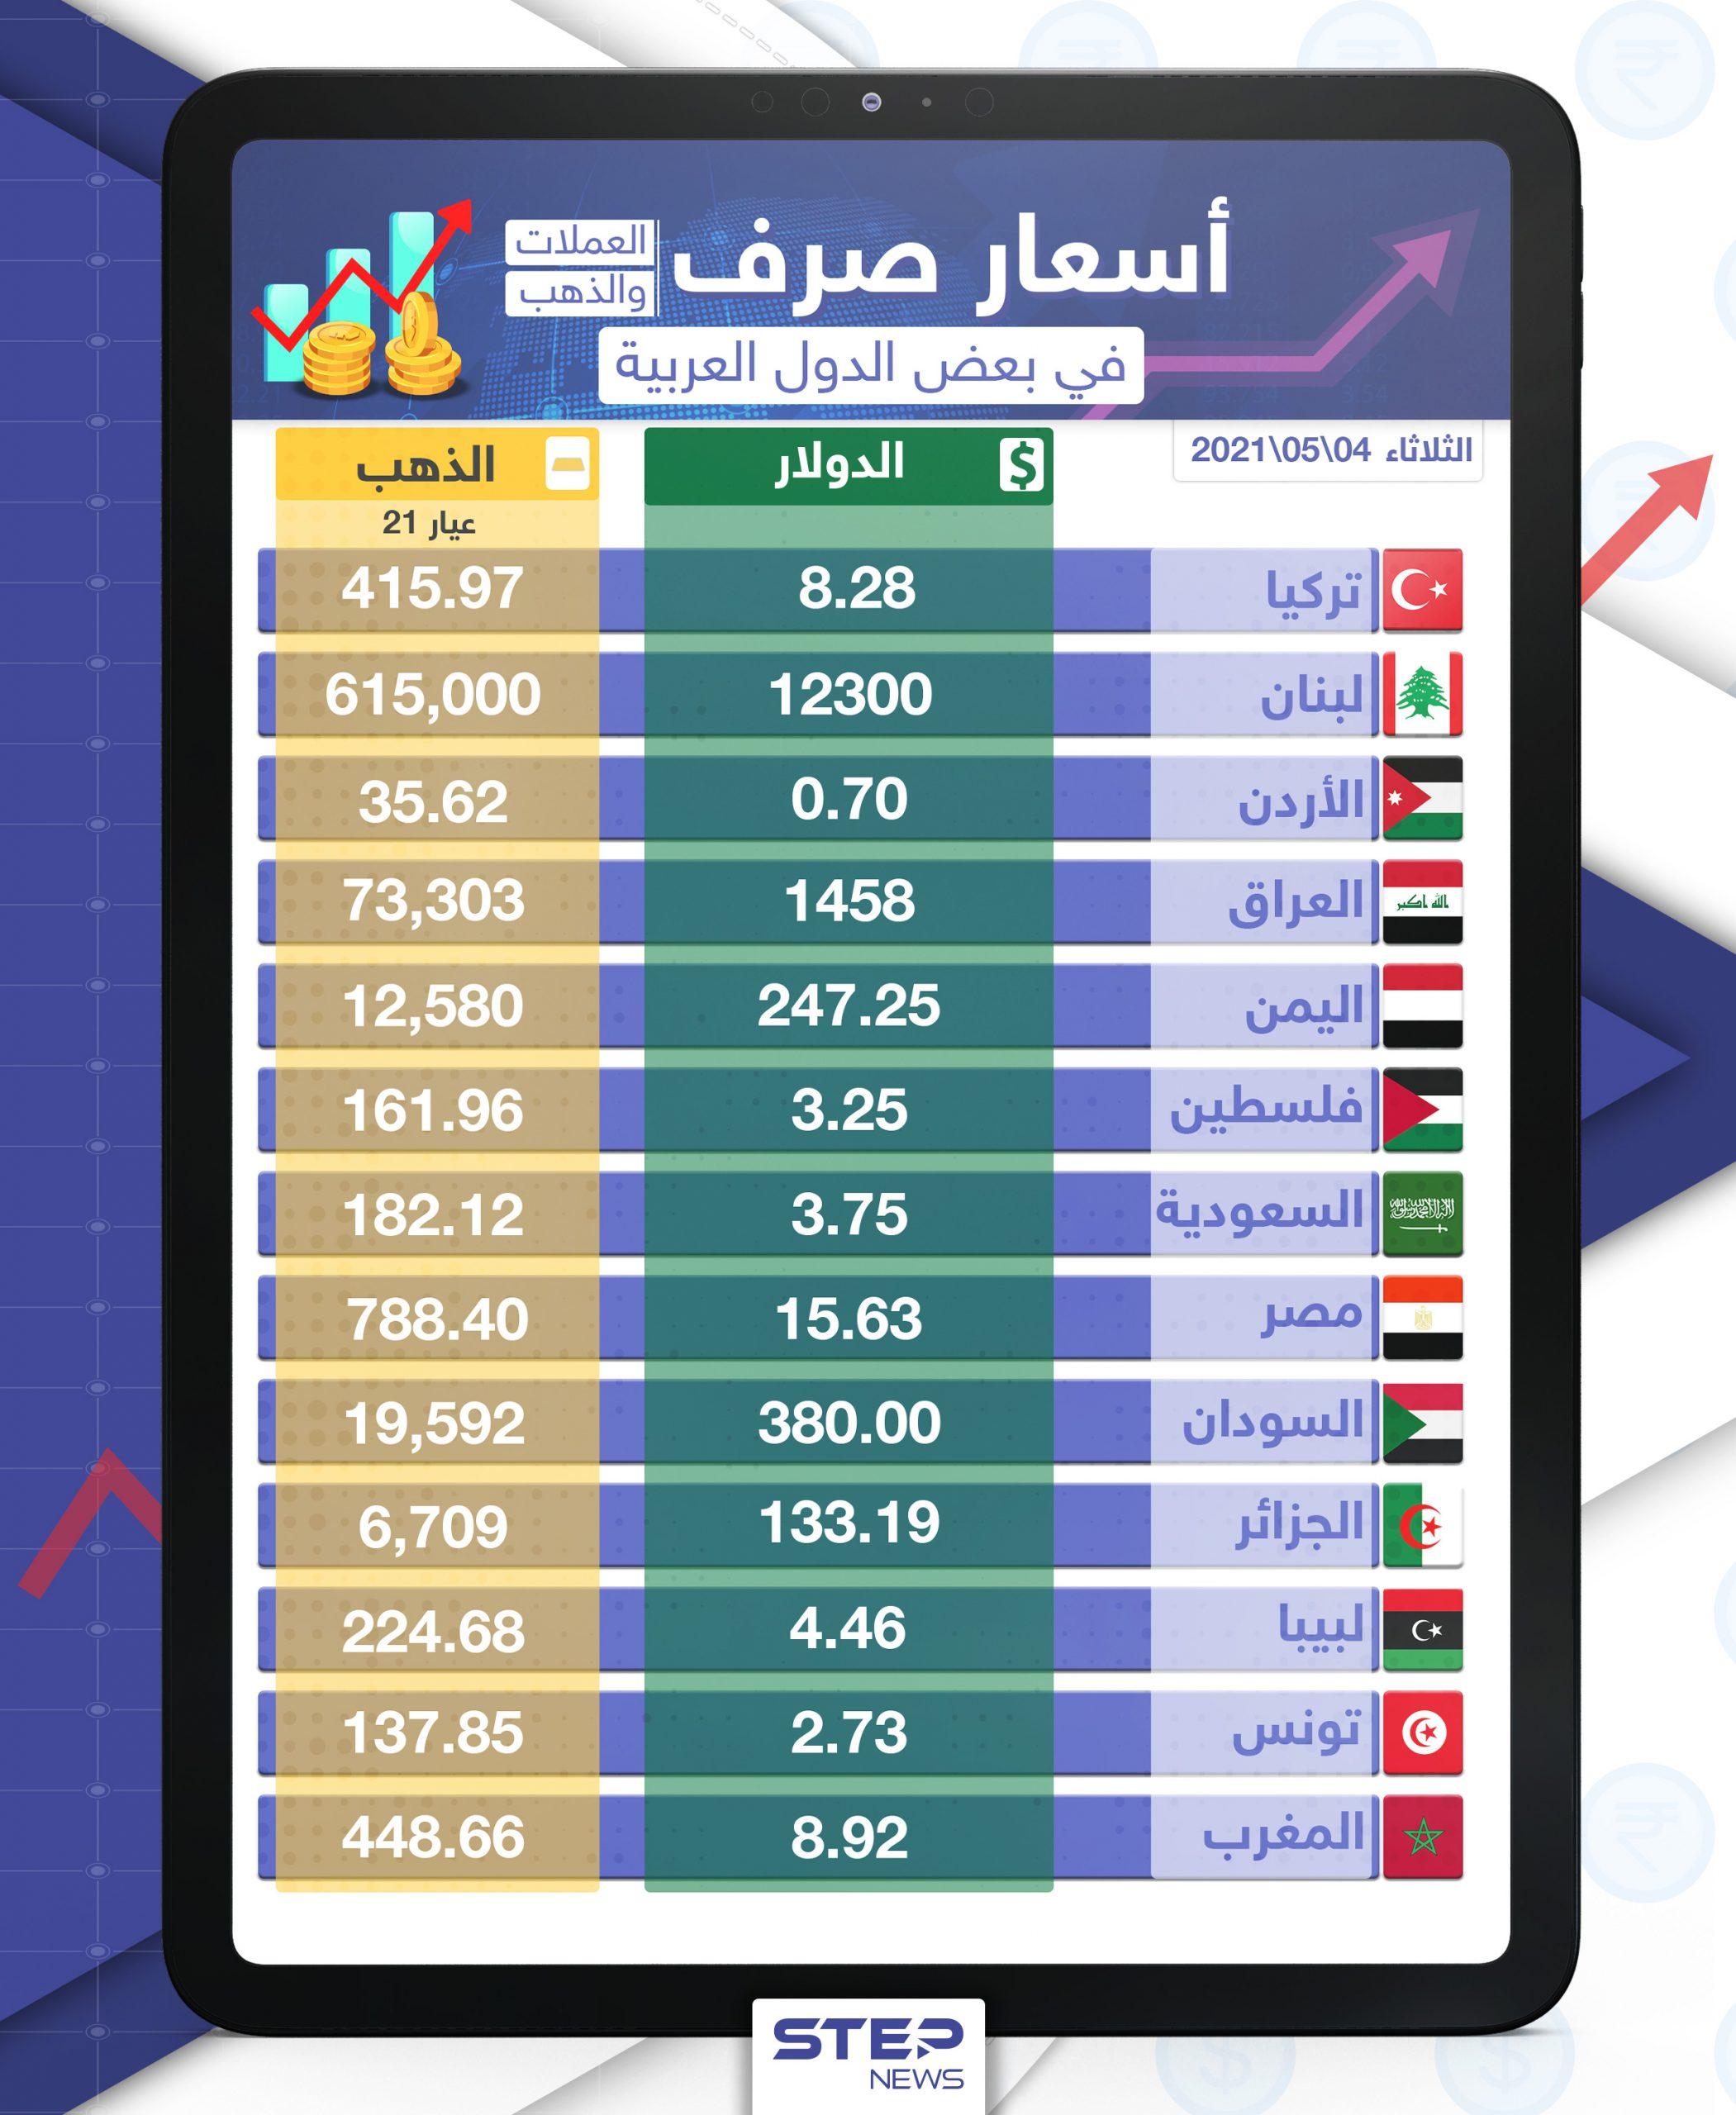 أسعار الذهب والعملات للدول العربية وتركيا اليوم الثلاثاء الموافق 04 أيار 2021